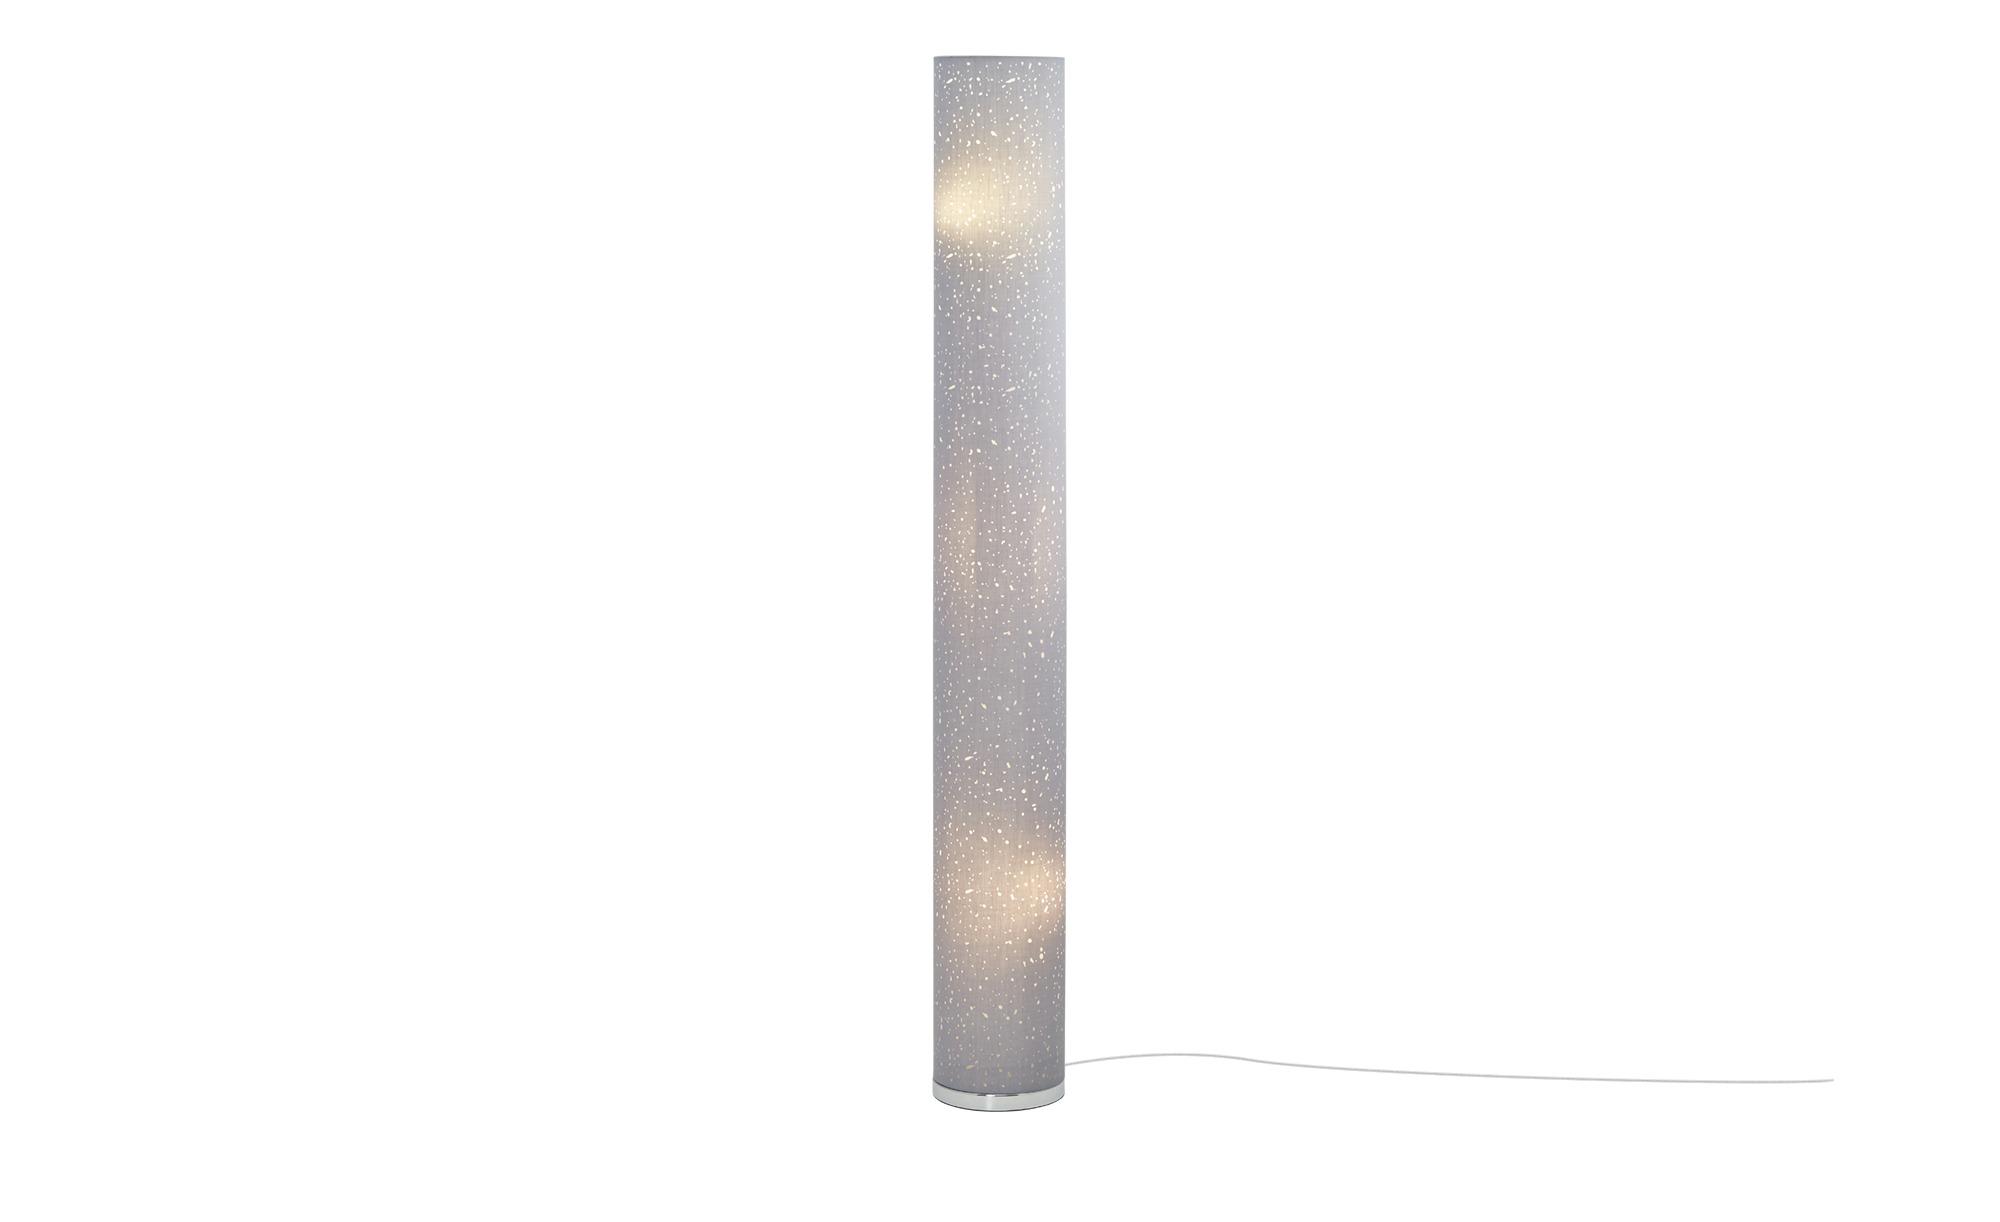 Fischer-Honsel Stehleuchte, 3-flammig, Grau mit Dekor ¦ grau ¦ Maße (cm): H: 156 Ø: [19.0] Lampen & Leuchten > Innenleuchten > Stehlampen - Höffner